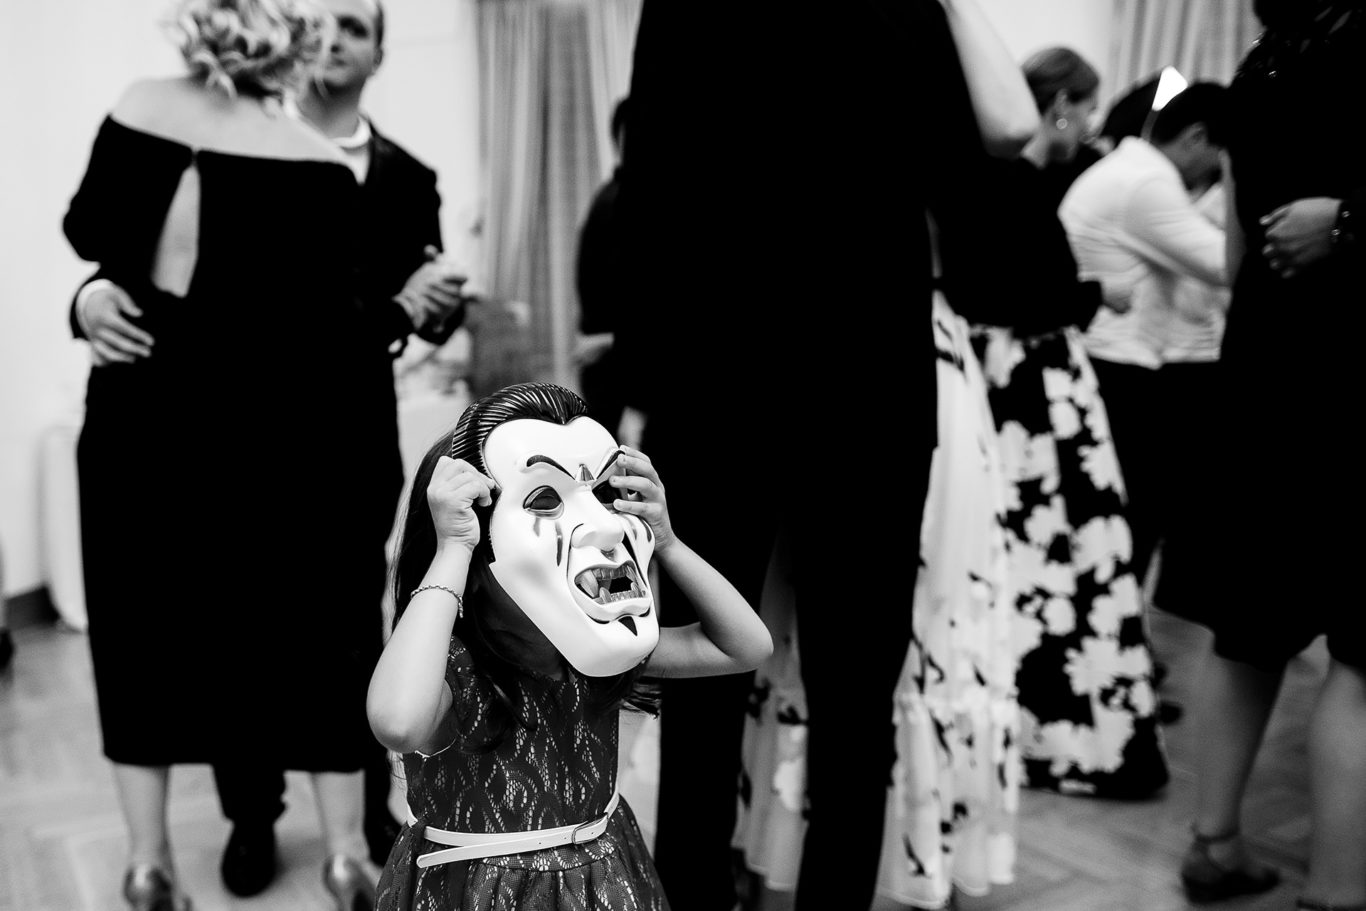 Nunta in alb-negru la Palatul Mogosoaia - fotograf nunta Ciprian Dumitrescu - fotograf nunta Palatul Mogosoia - fotograf nunta Bucuresti